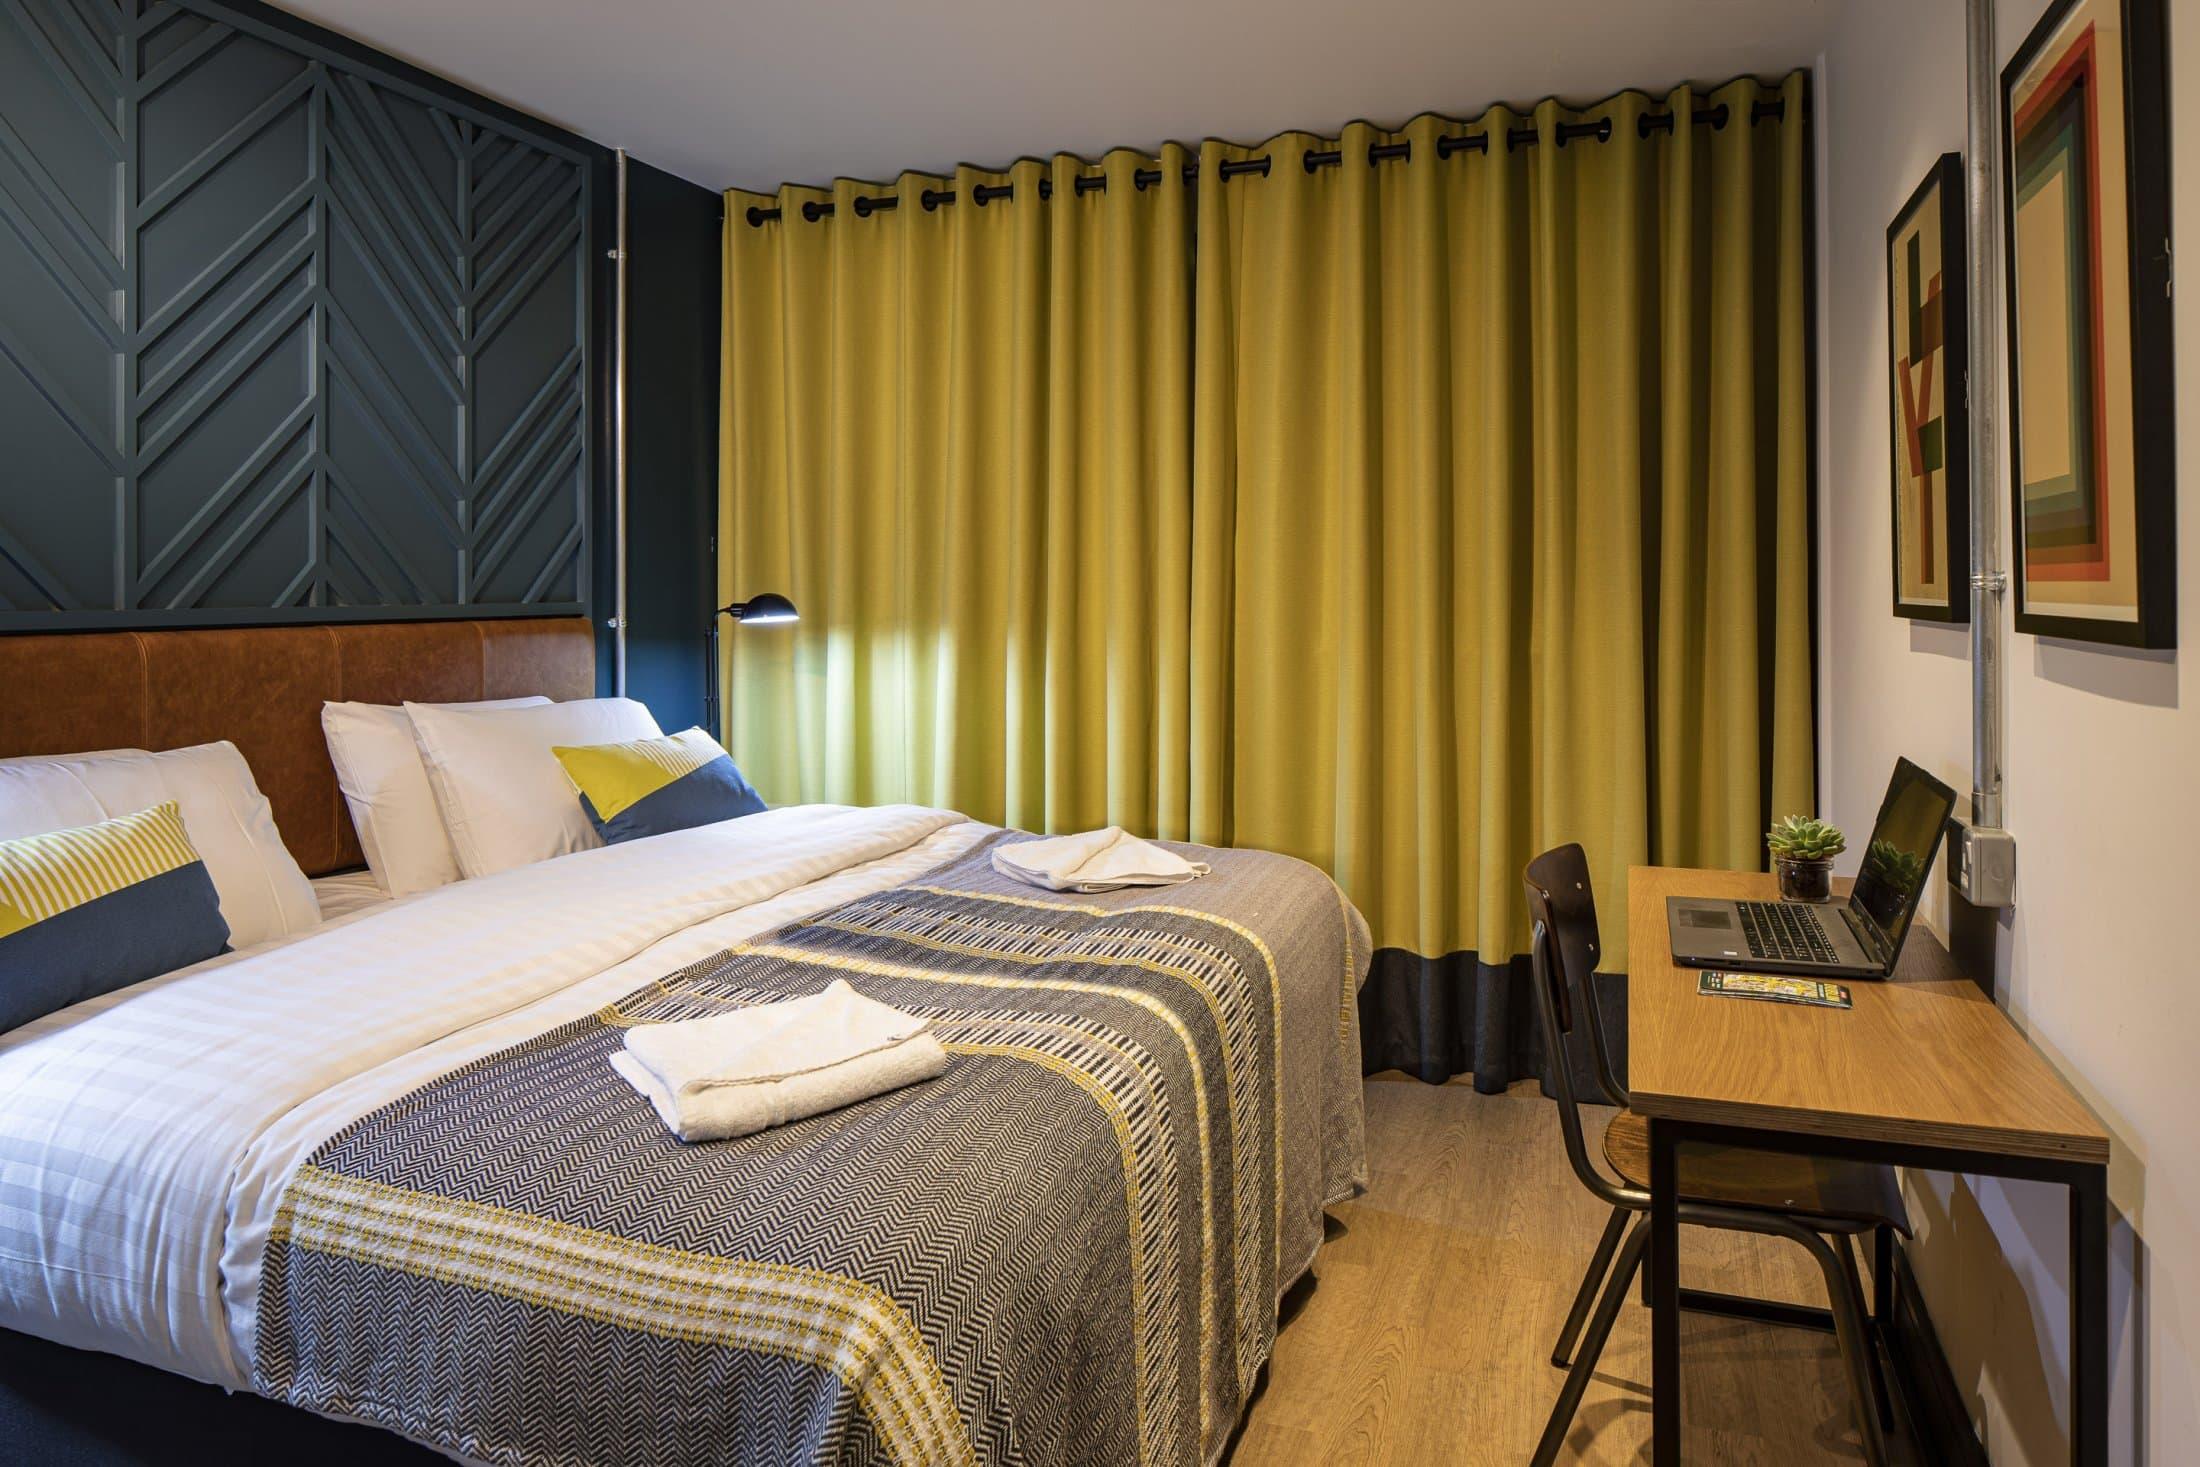 Double Room at Jacobs Inn Dublin